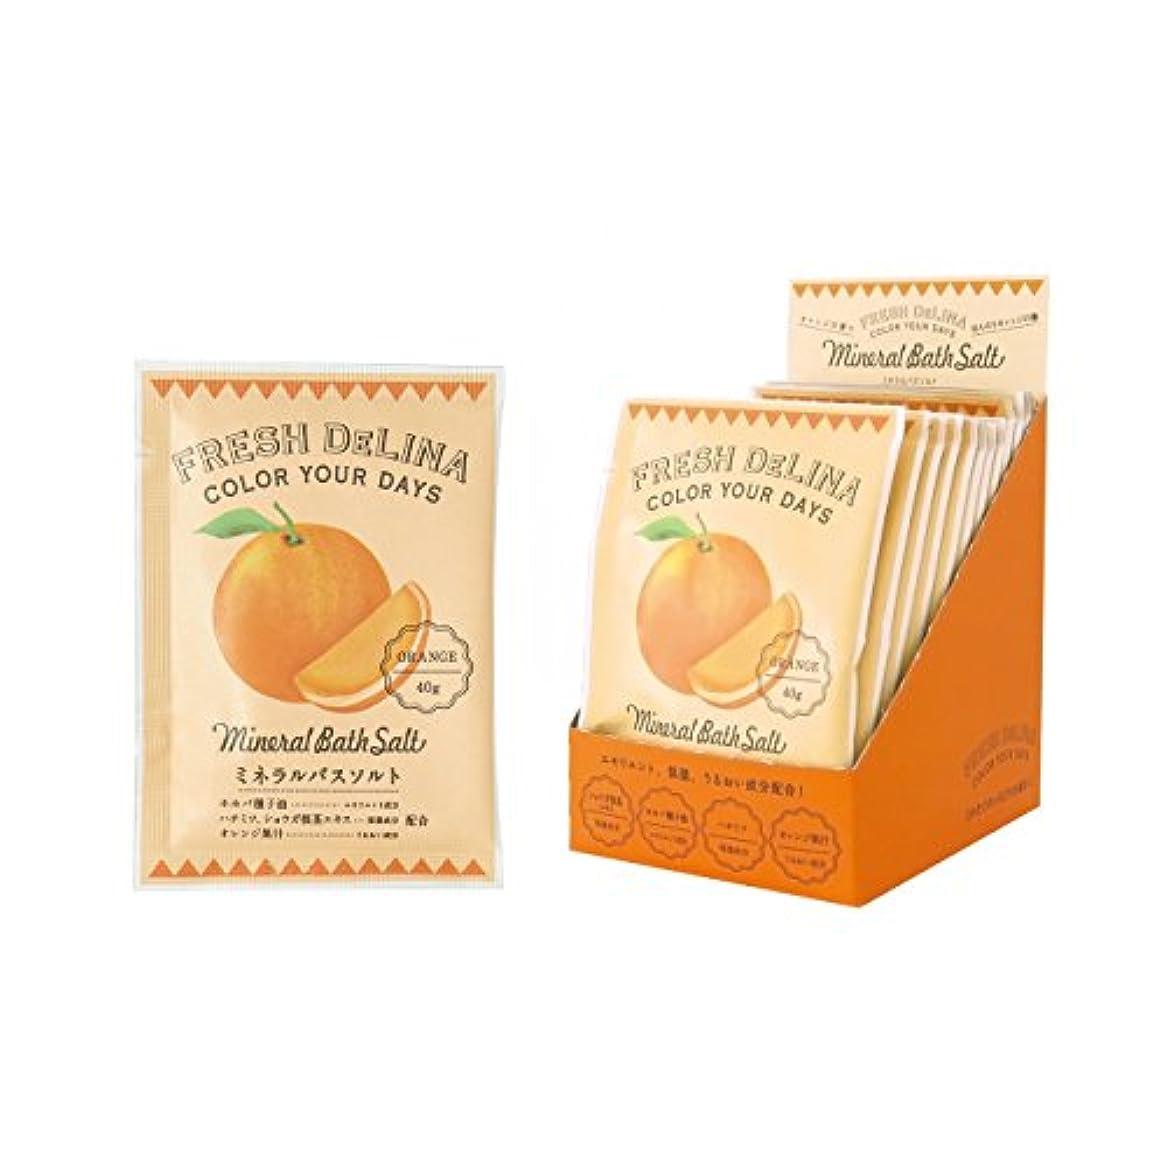 契約する一般閉塞フレッシュデリーナ ミネラルバスソルト40g(オレンジ) 12個 (海塩タイプ入浴料 日本製 フレッシュな柑橘系の香り)